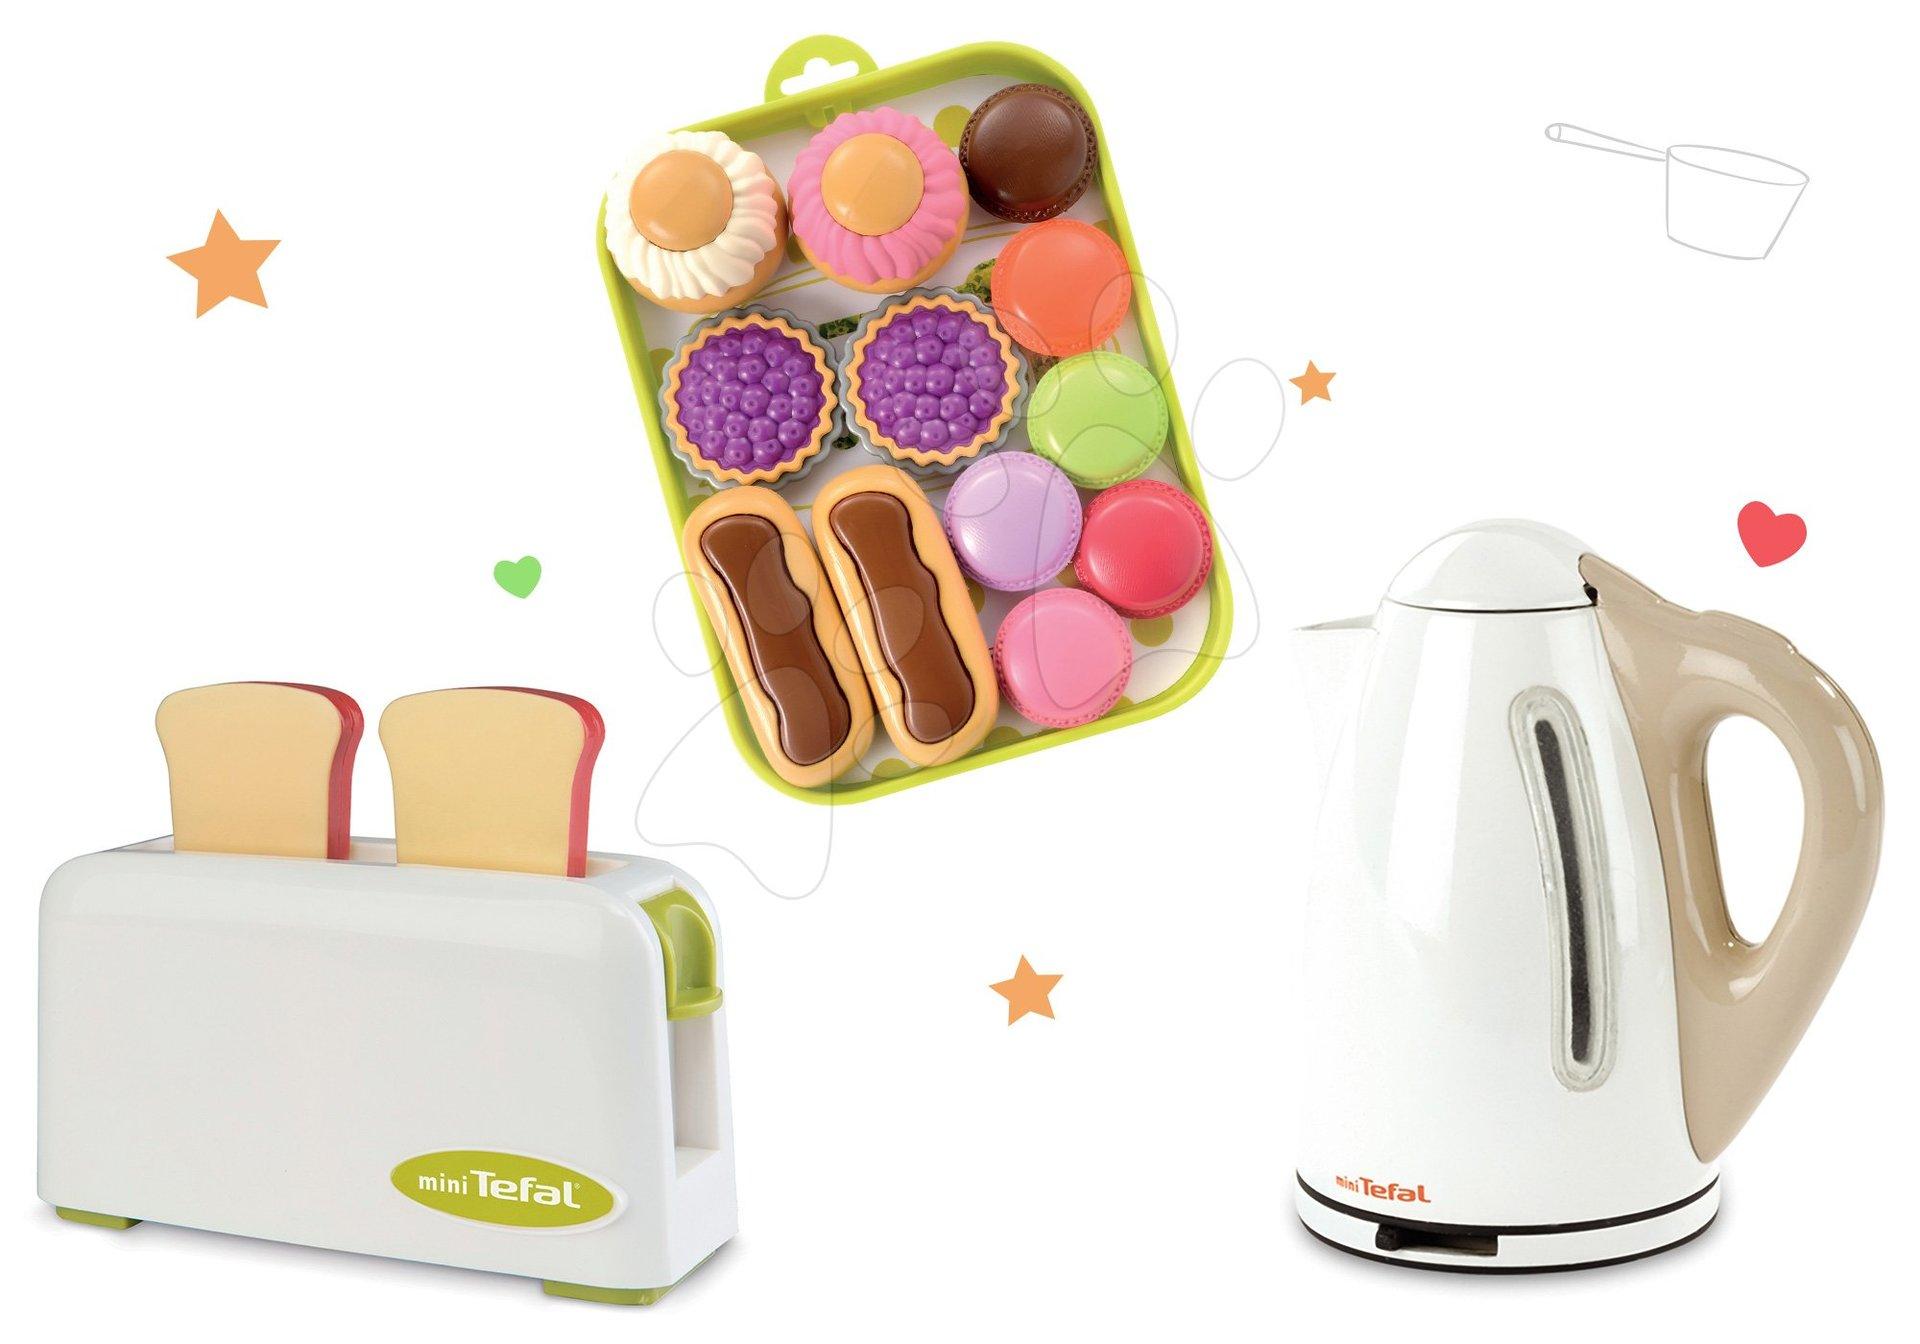 Set toaster Mini Tefal Smoby rychlovarná konvice Tefal a koláčky na podnose